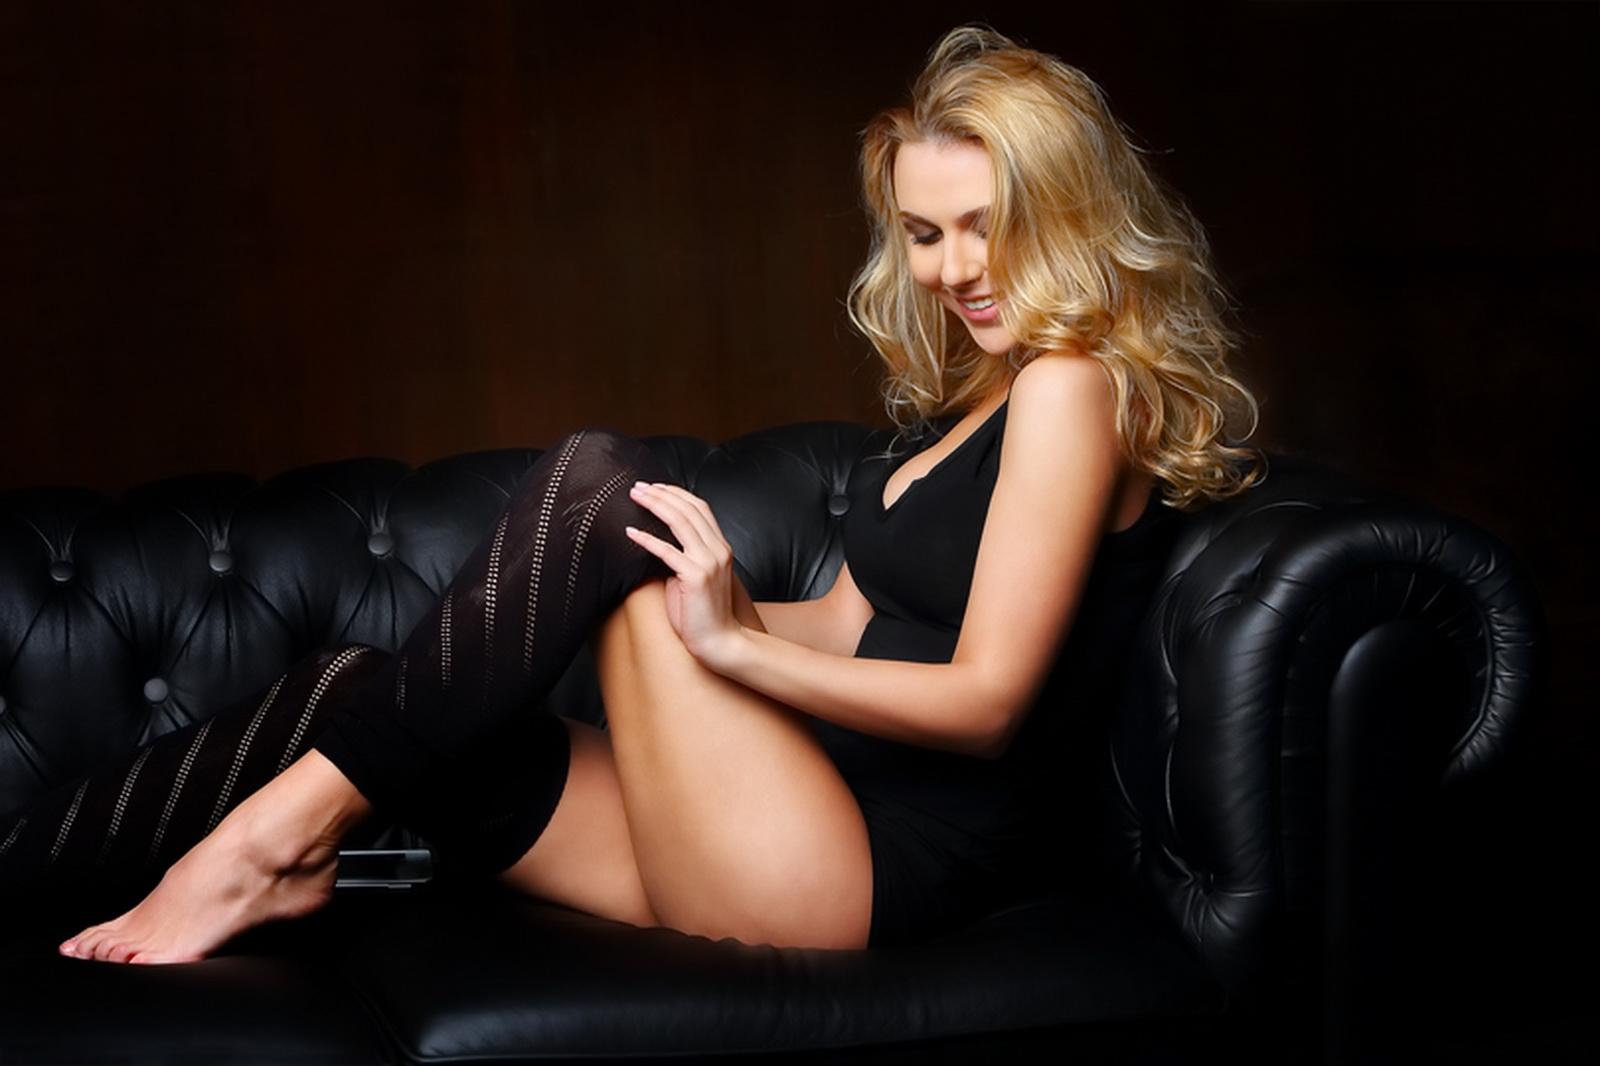 Нагая порно модель Ева Авеева смотреть онлайн 1 фото